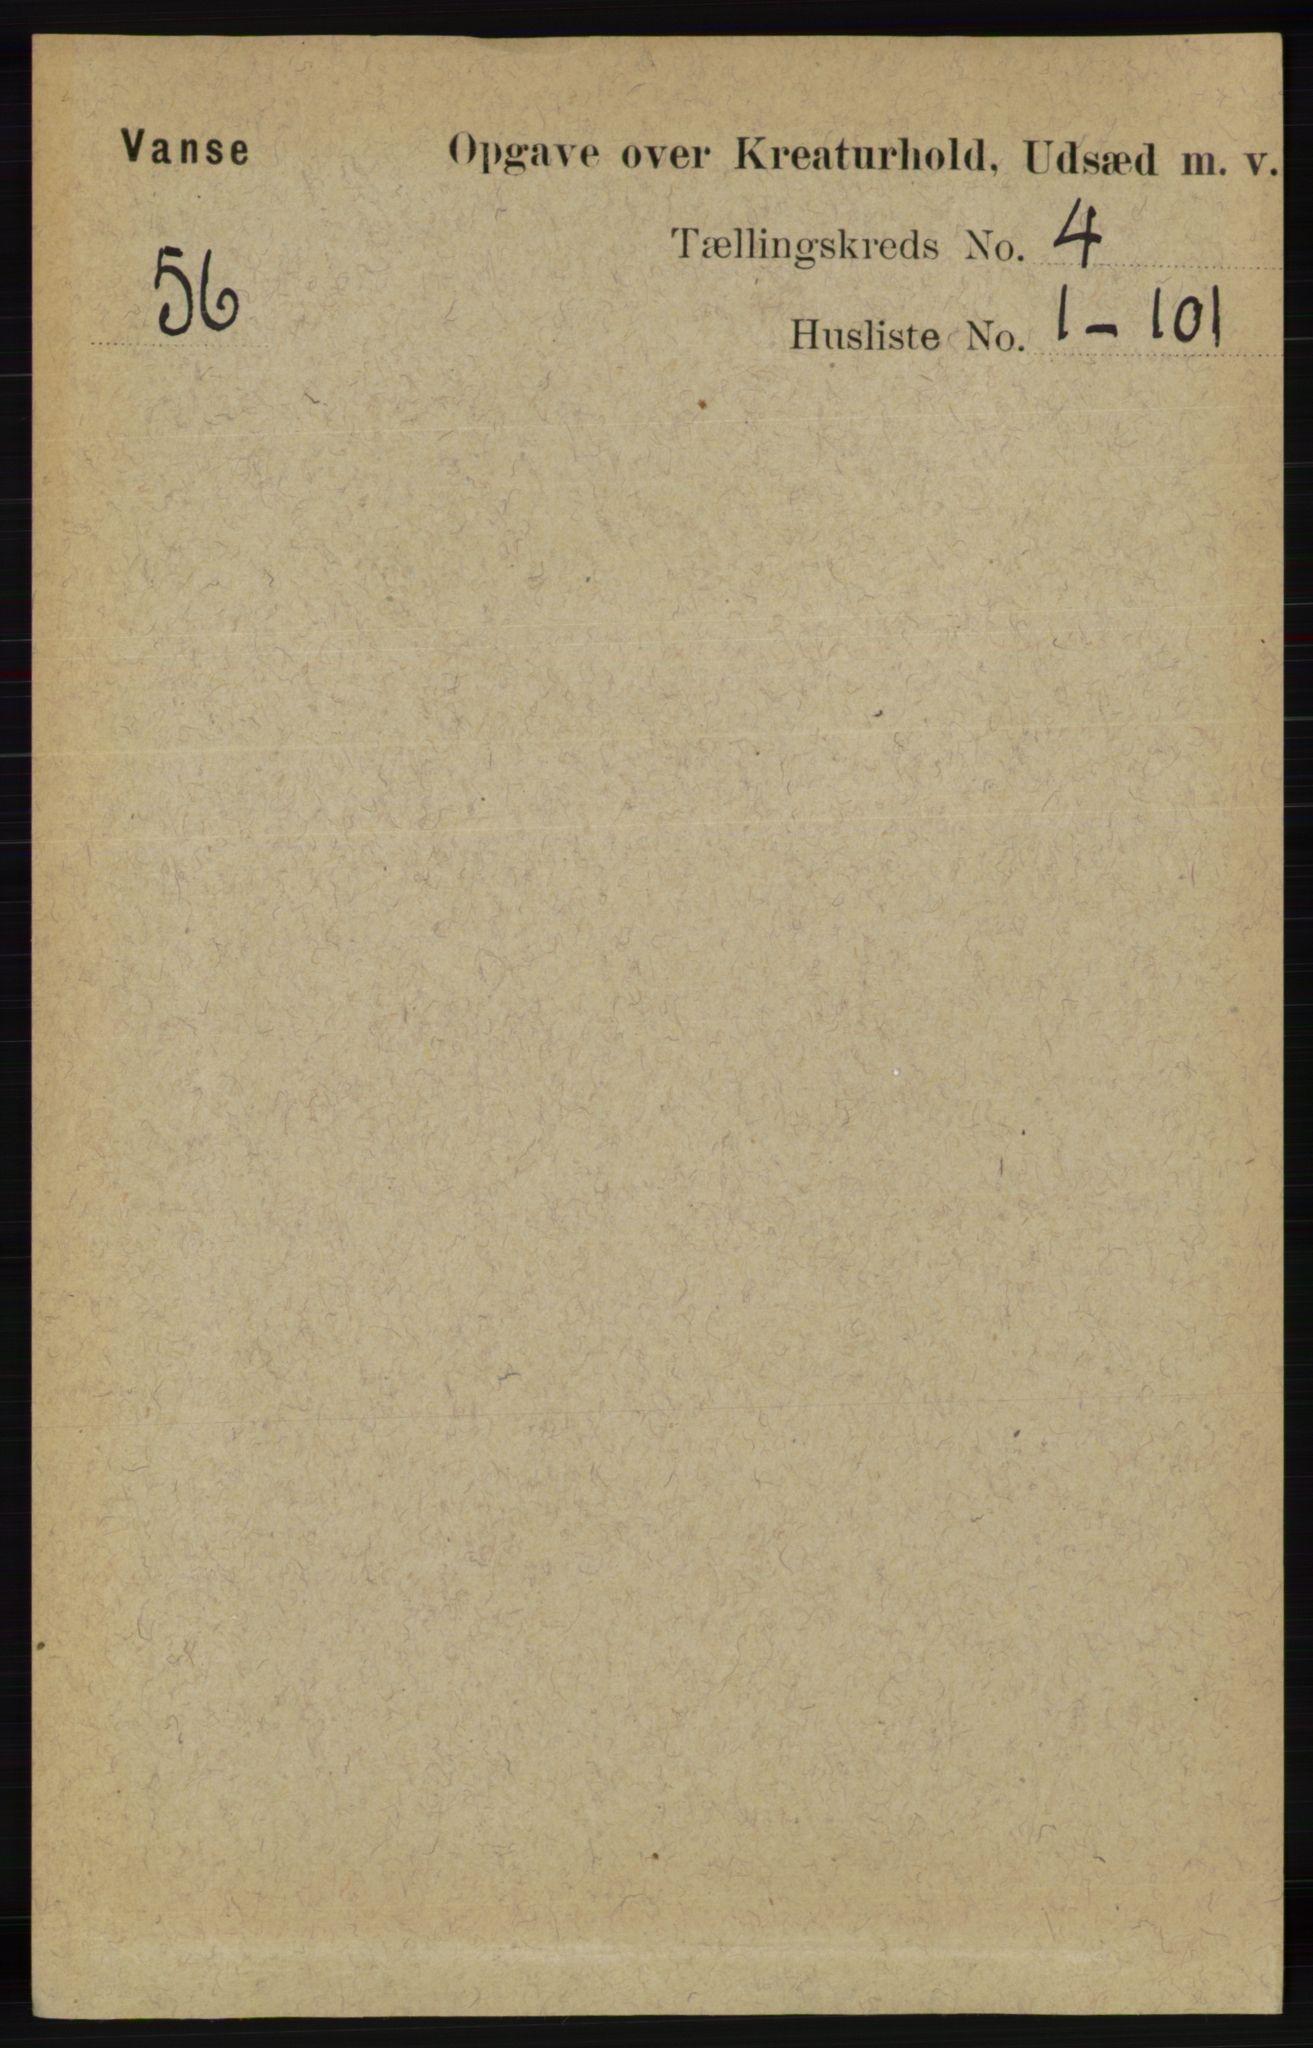 RA, Folketelling 1891 for 1041 Vanse herred, 1891, s. 8527